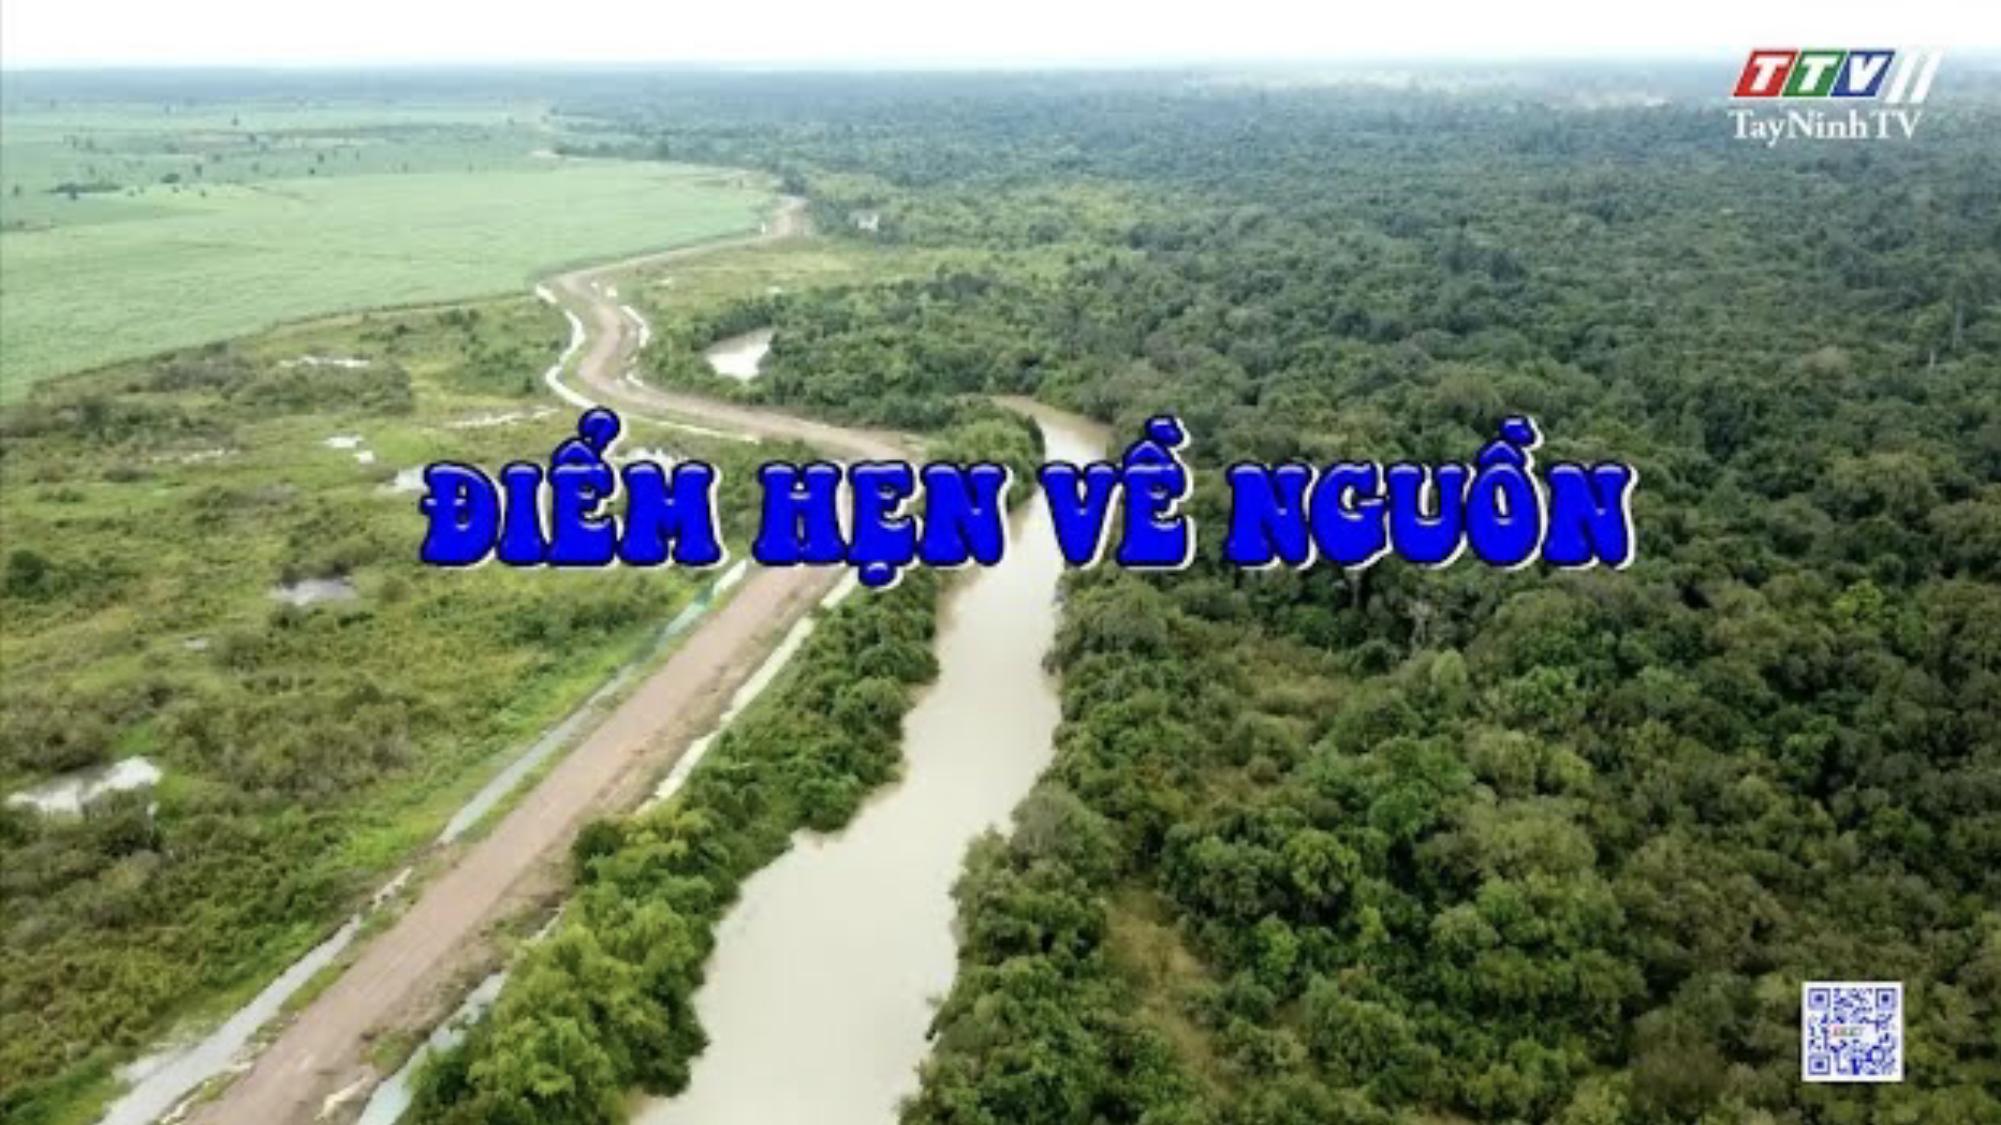 Điểm hẹn về nguồn | Điểm đến Tây Ninh | TâyNinhTVE